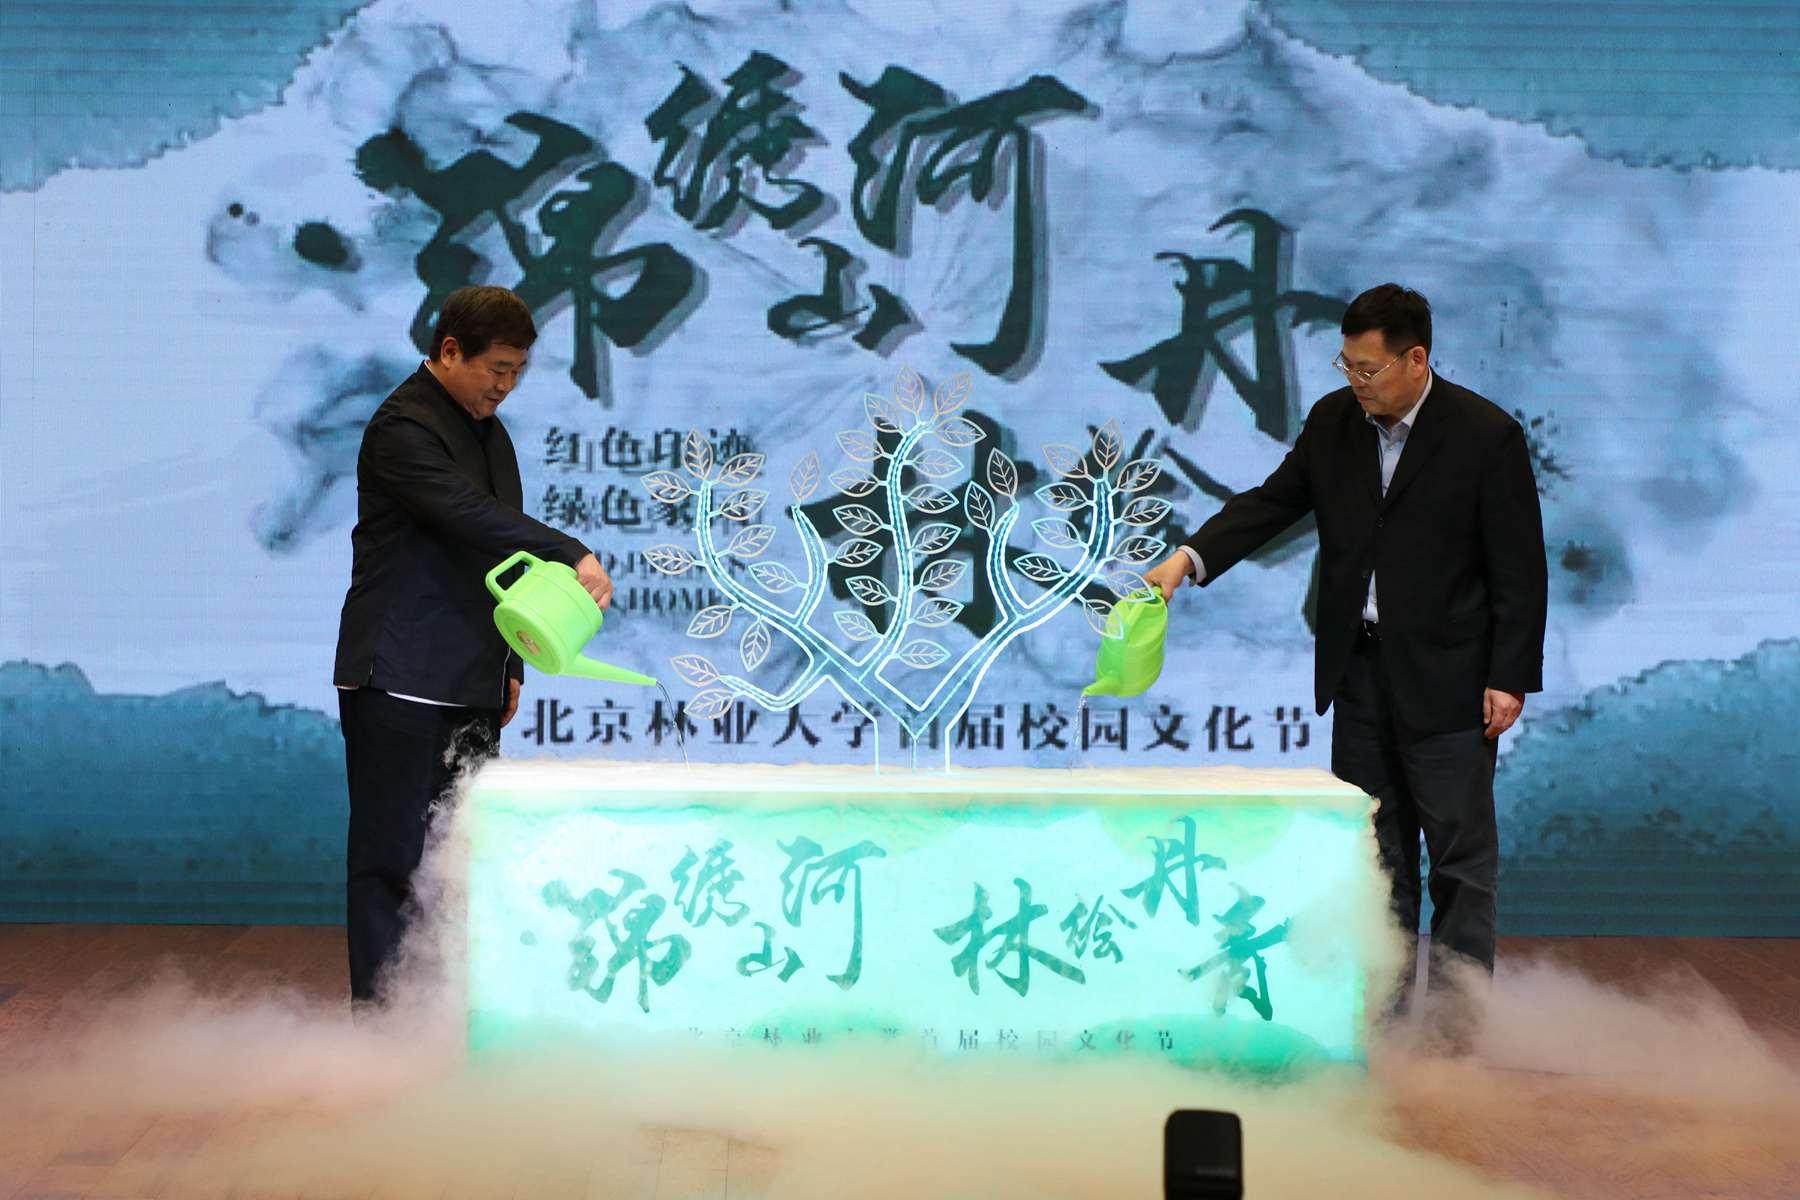 北林大首届校园文化节:弘扬红色文化 践行绿色使命